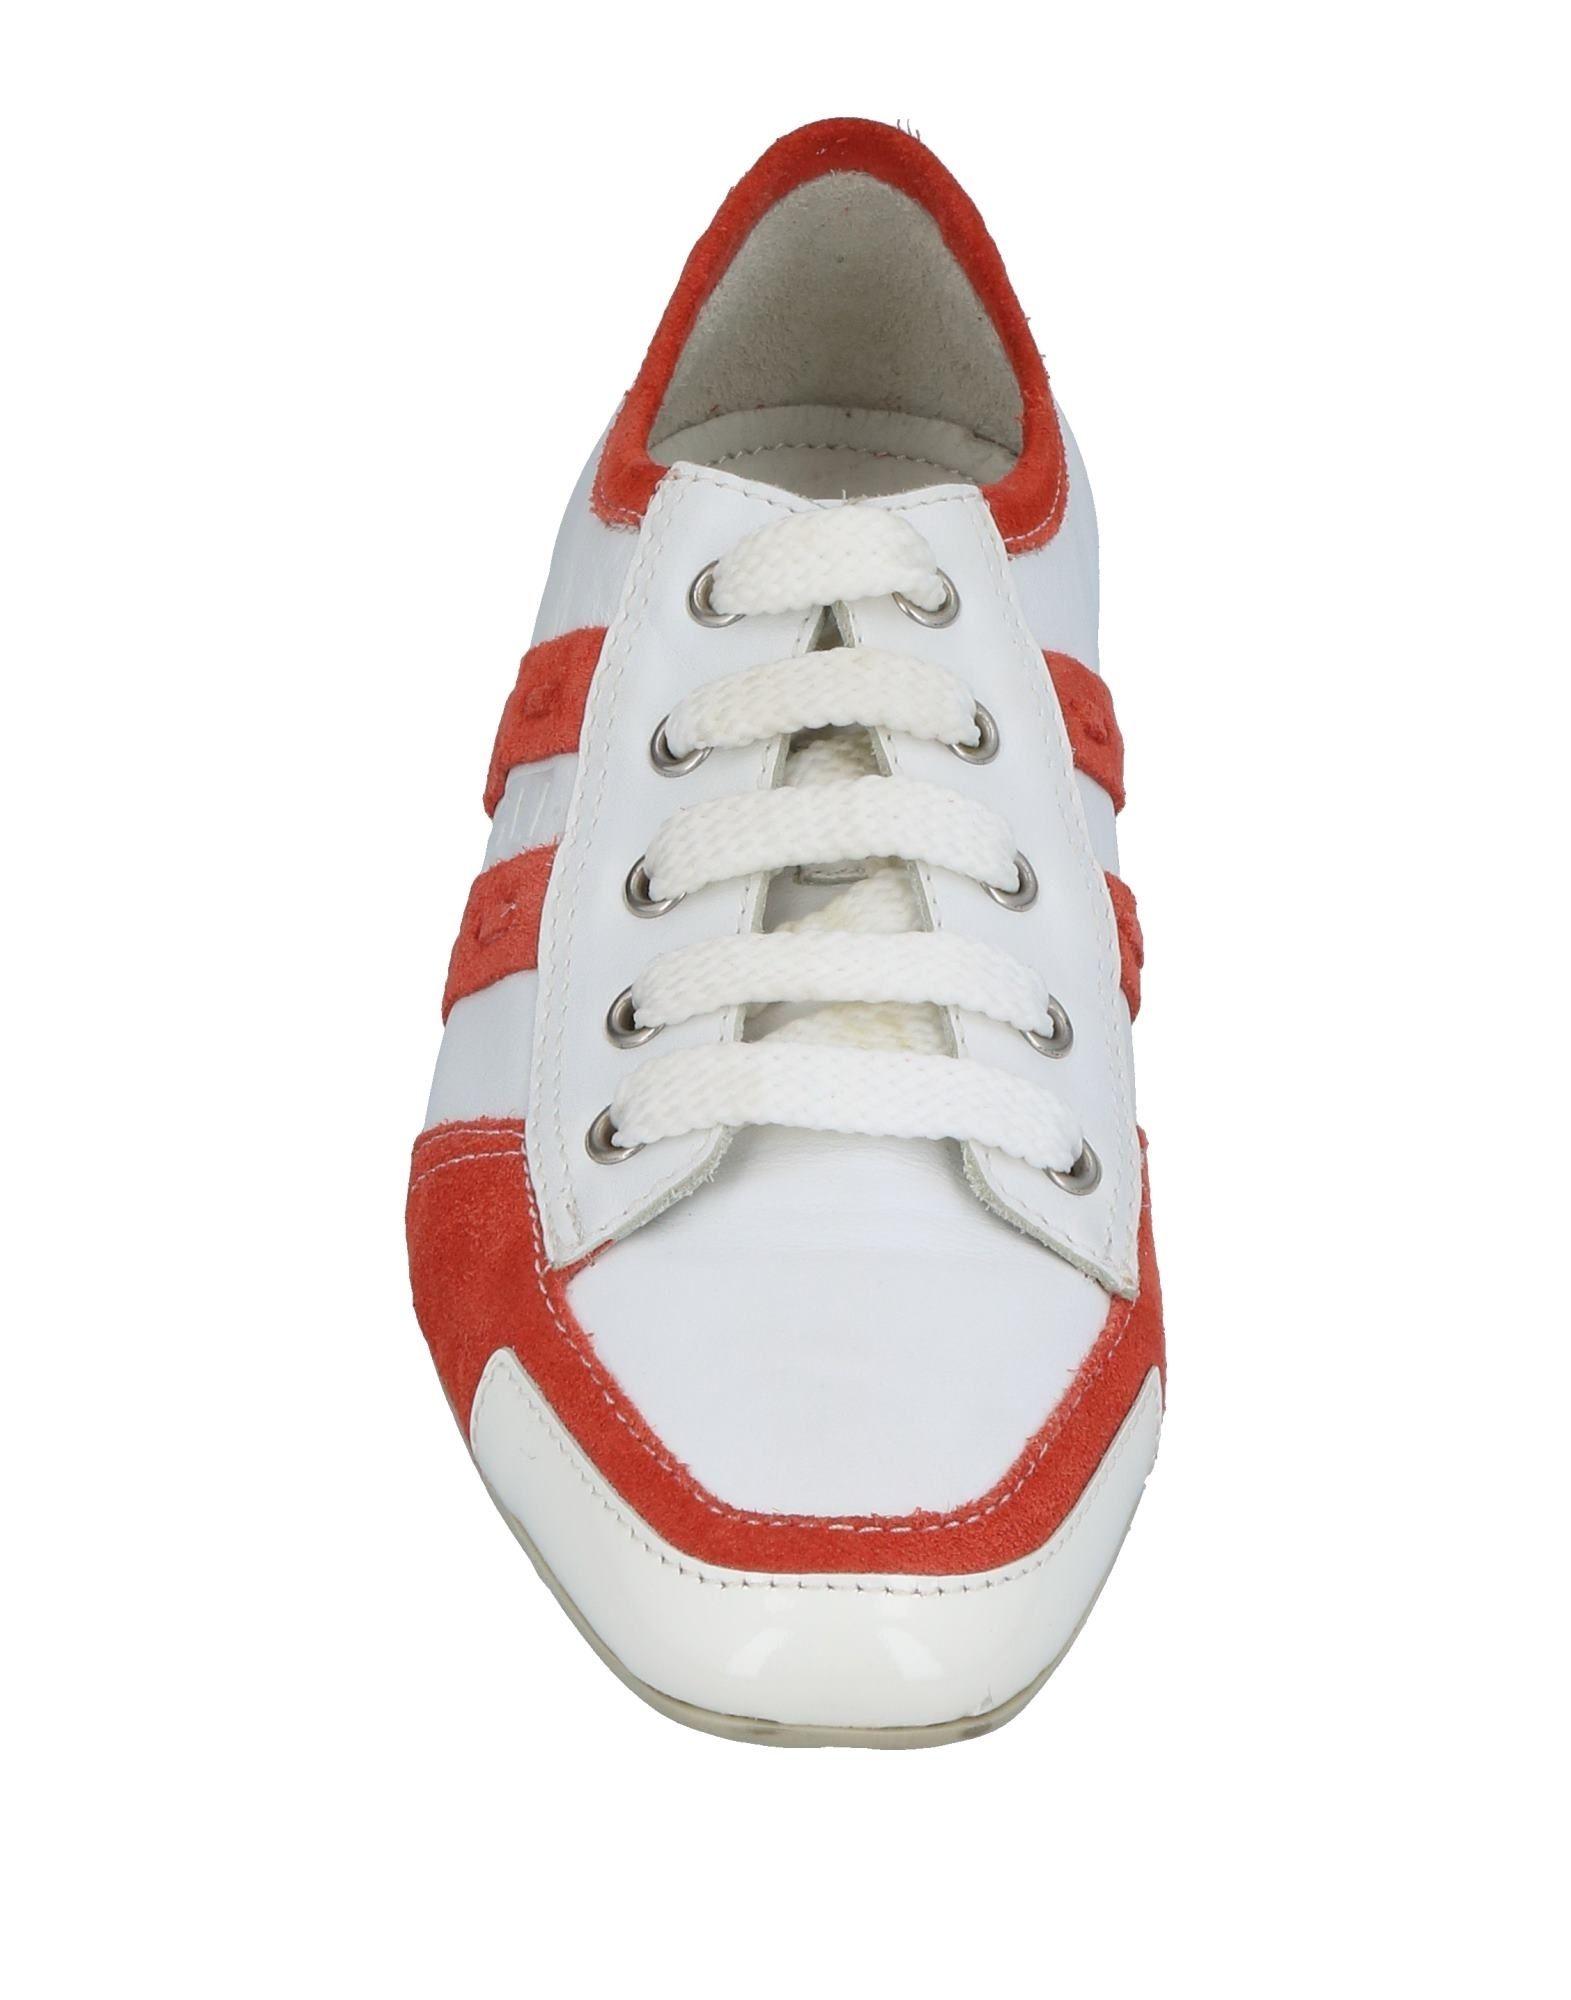 Magli By Bruno Magli Gute Sneakers Damen  11384911RU Gute Magli Qualität beliebte Schuhe 1c7edf